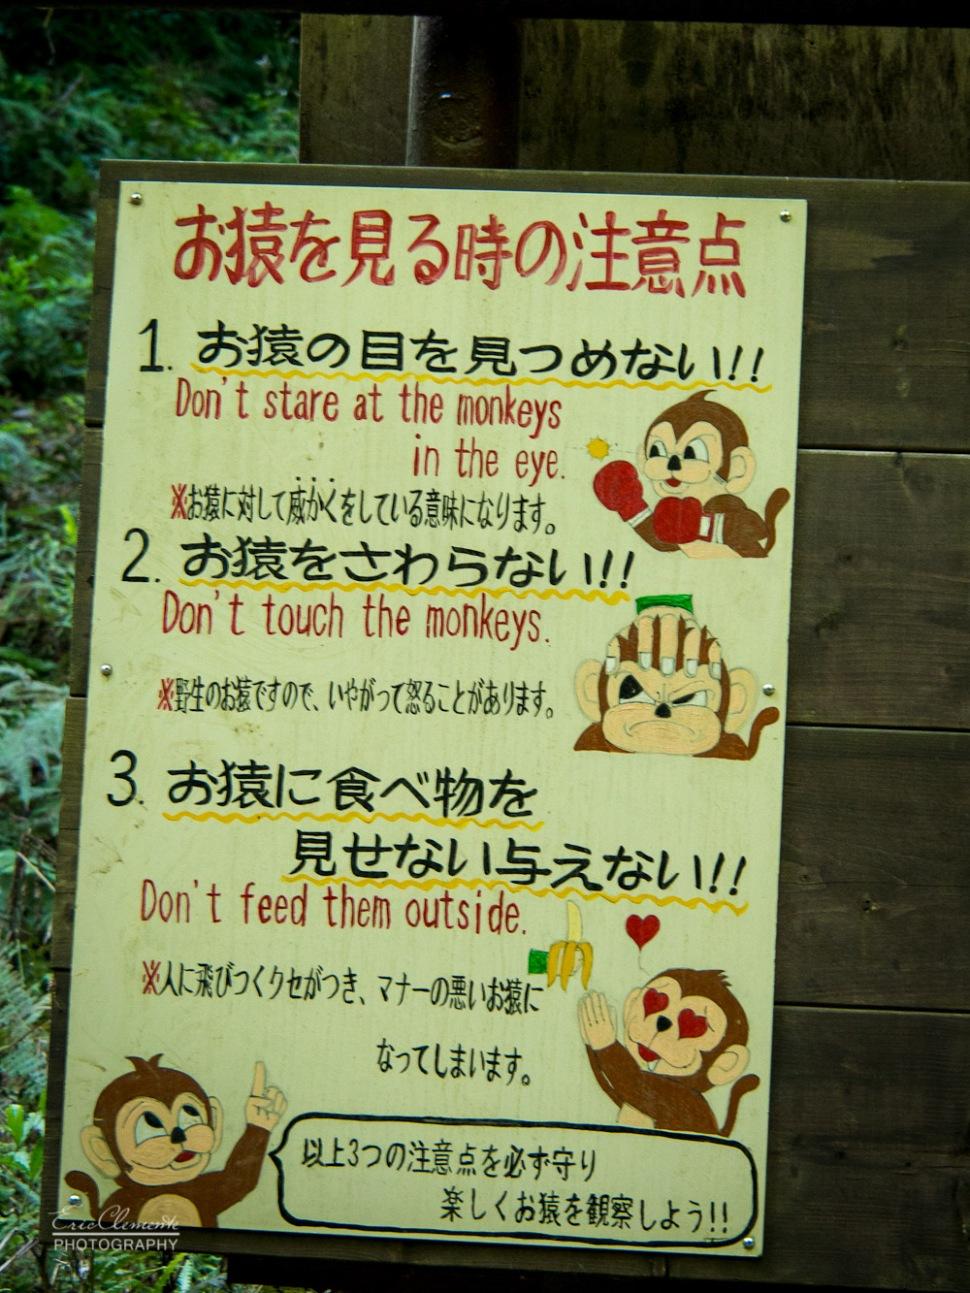 20141006-142-Monkey Park Iwatayama, Arashiyama Kyoto-Eric Clemente.jpg